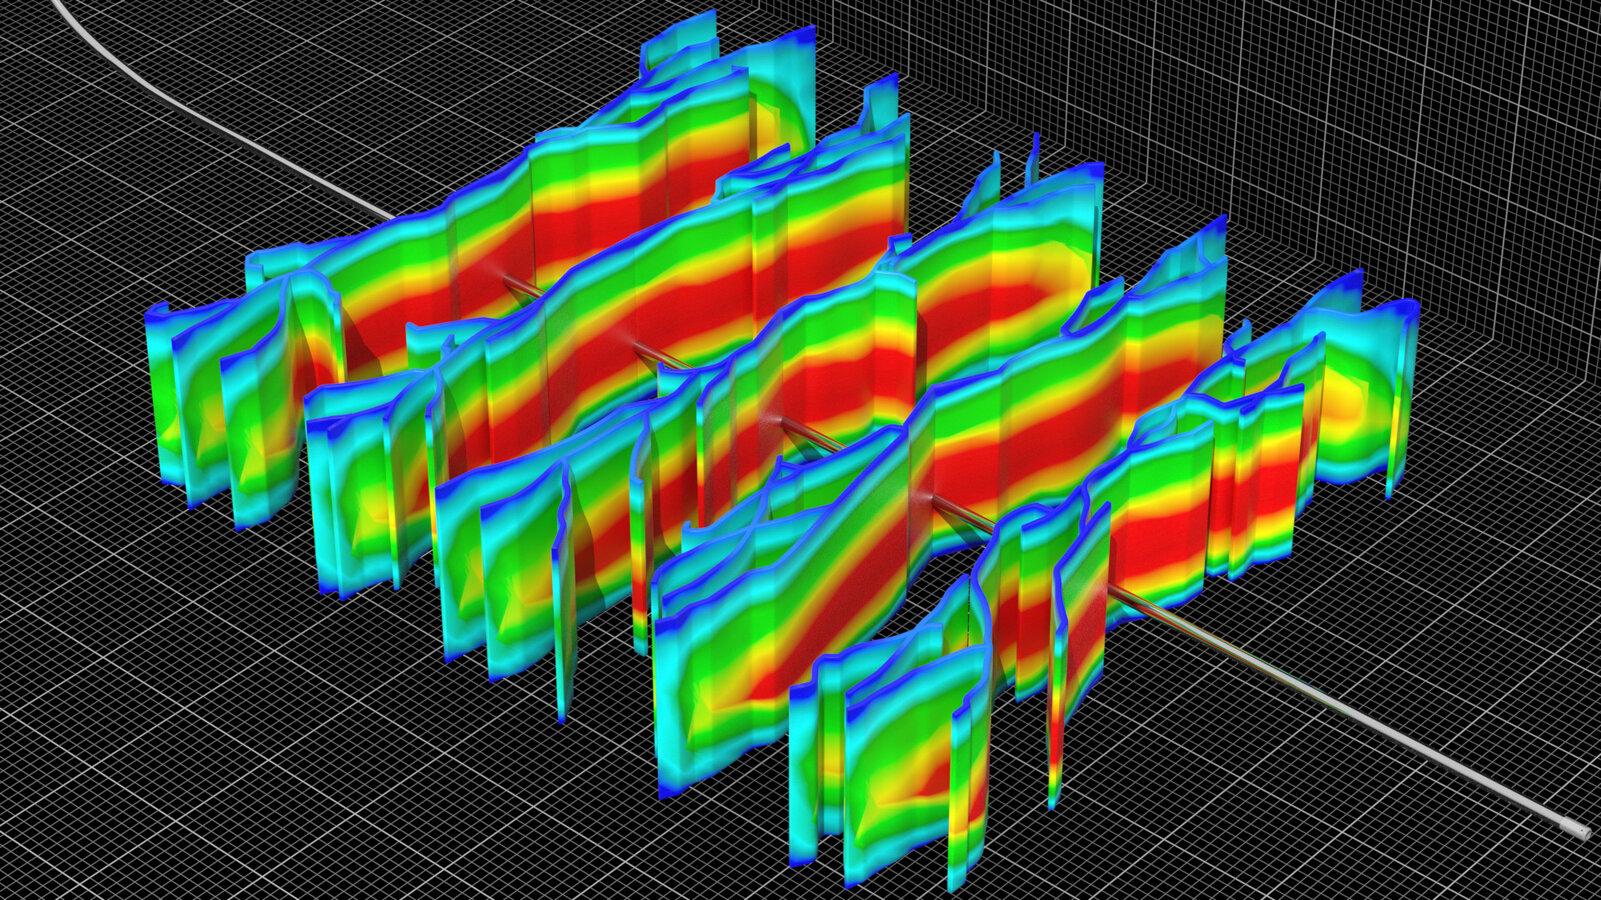 GOHFER® Fracture Modeling Software